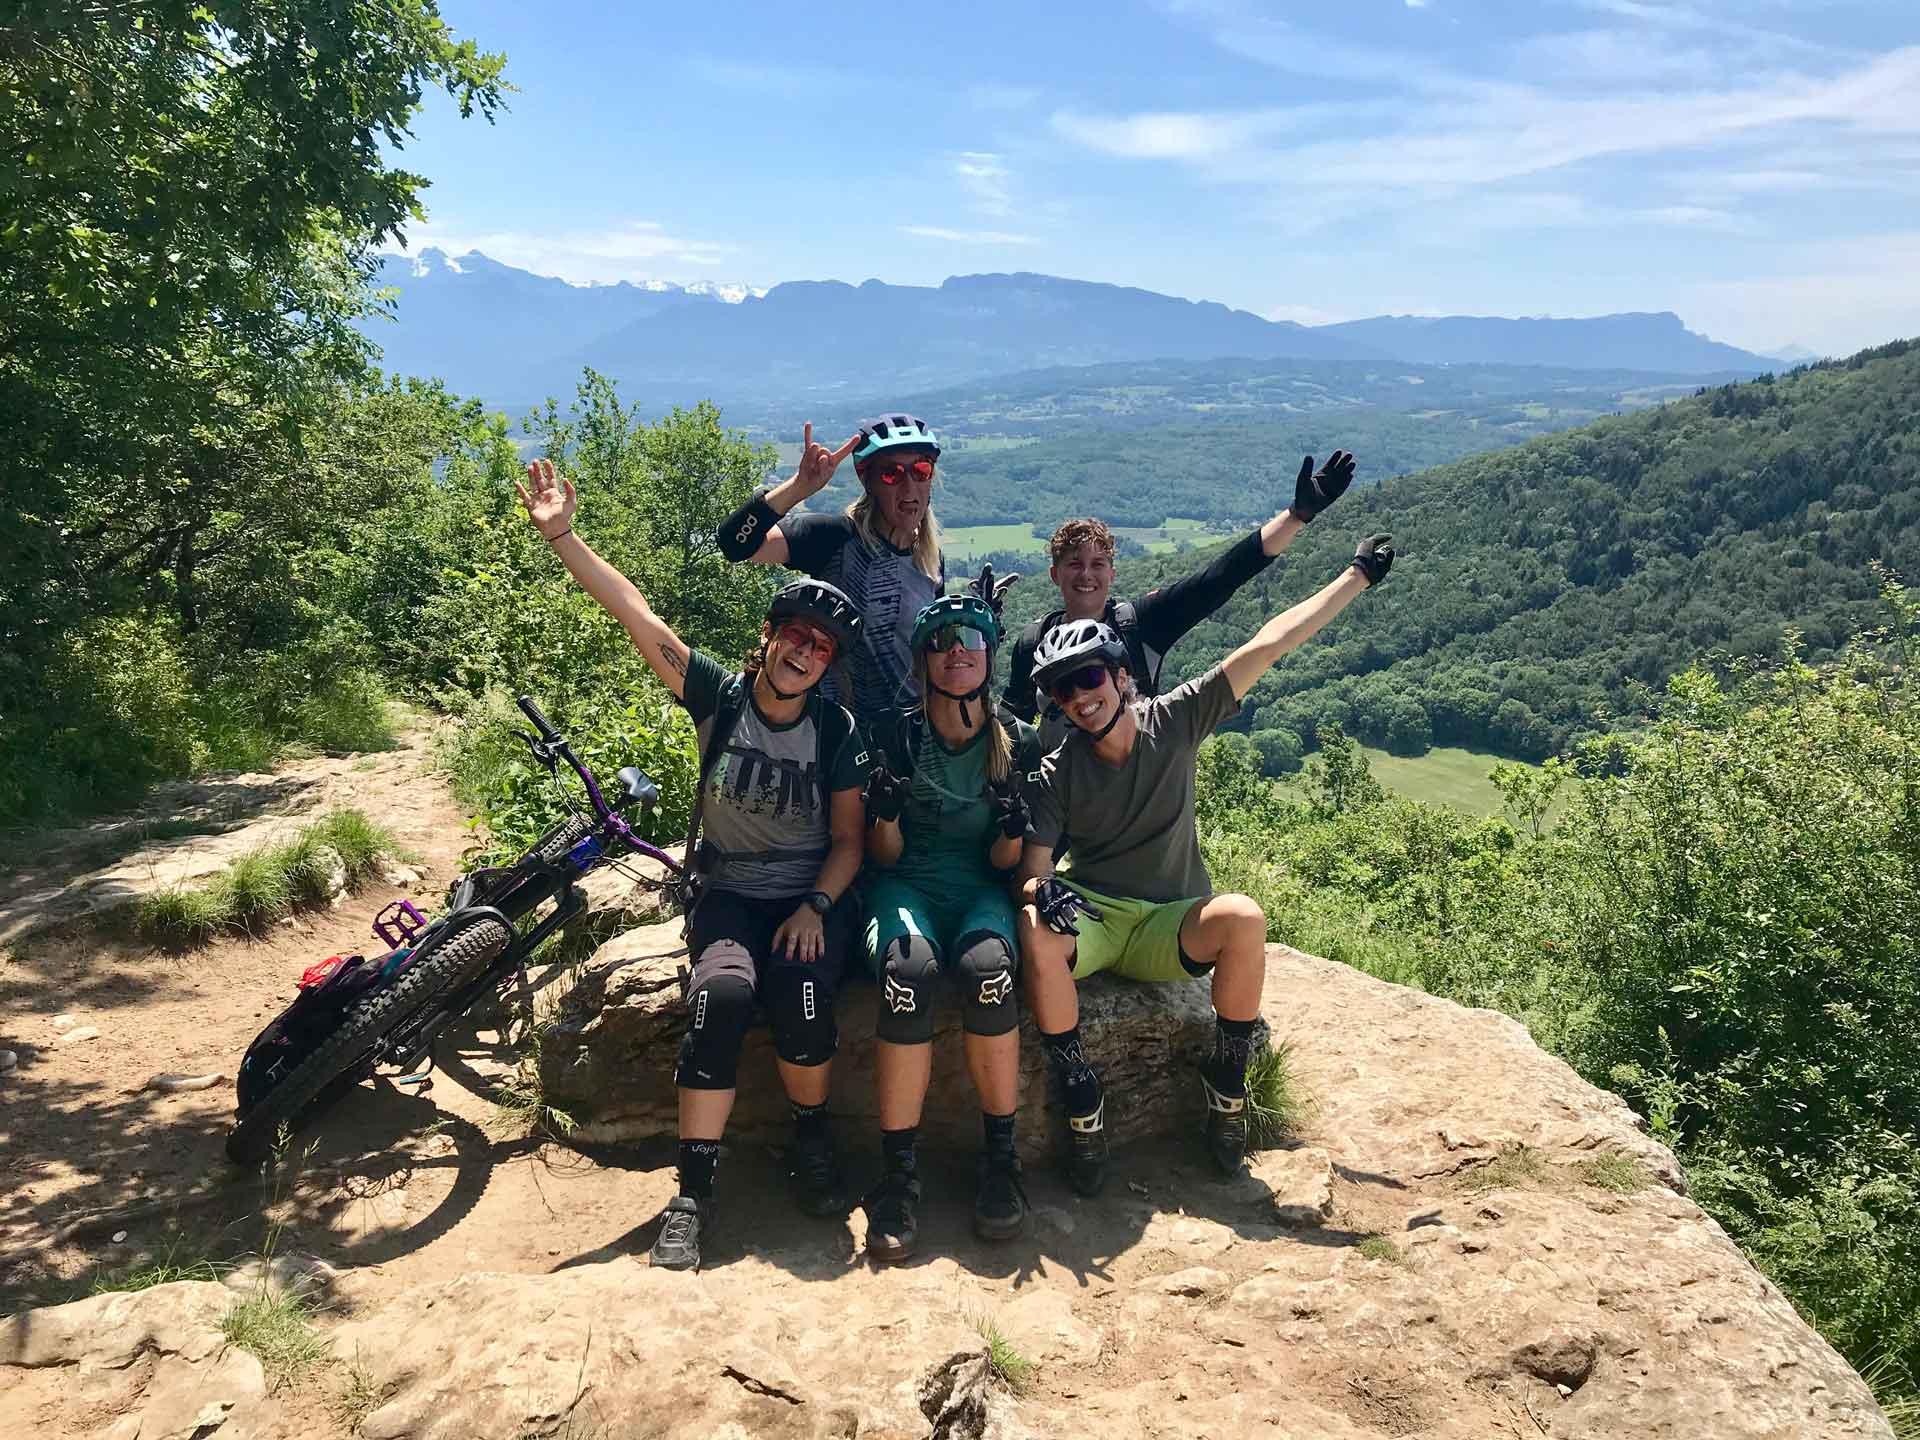 img-2-devenir-bikettes-team-club-vtt-velo-girl-fille-tous-niveaux